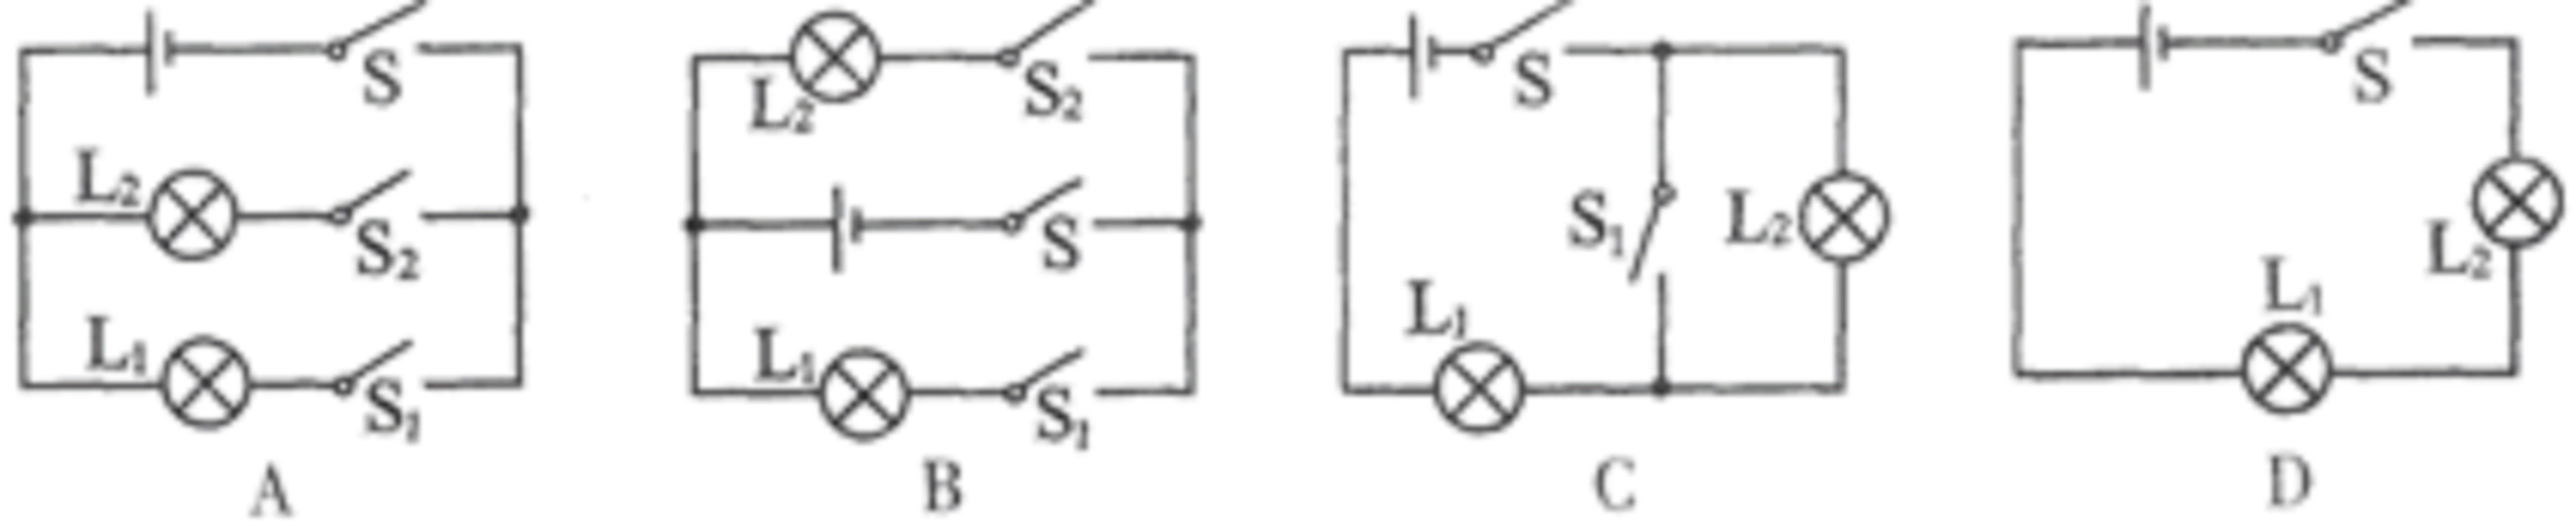 电流表测灯泡l1中电流的电路图,开关在干路中,并连接图乙实物图图片